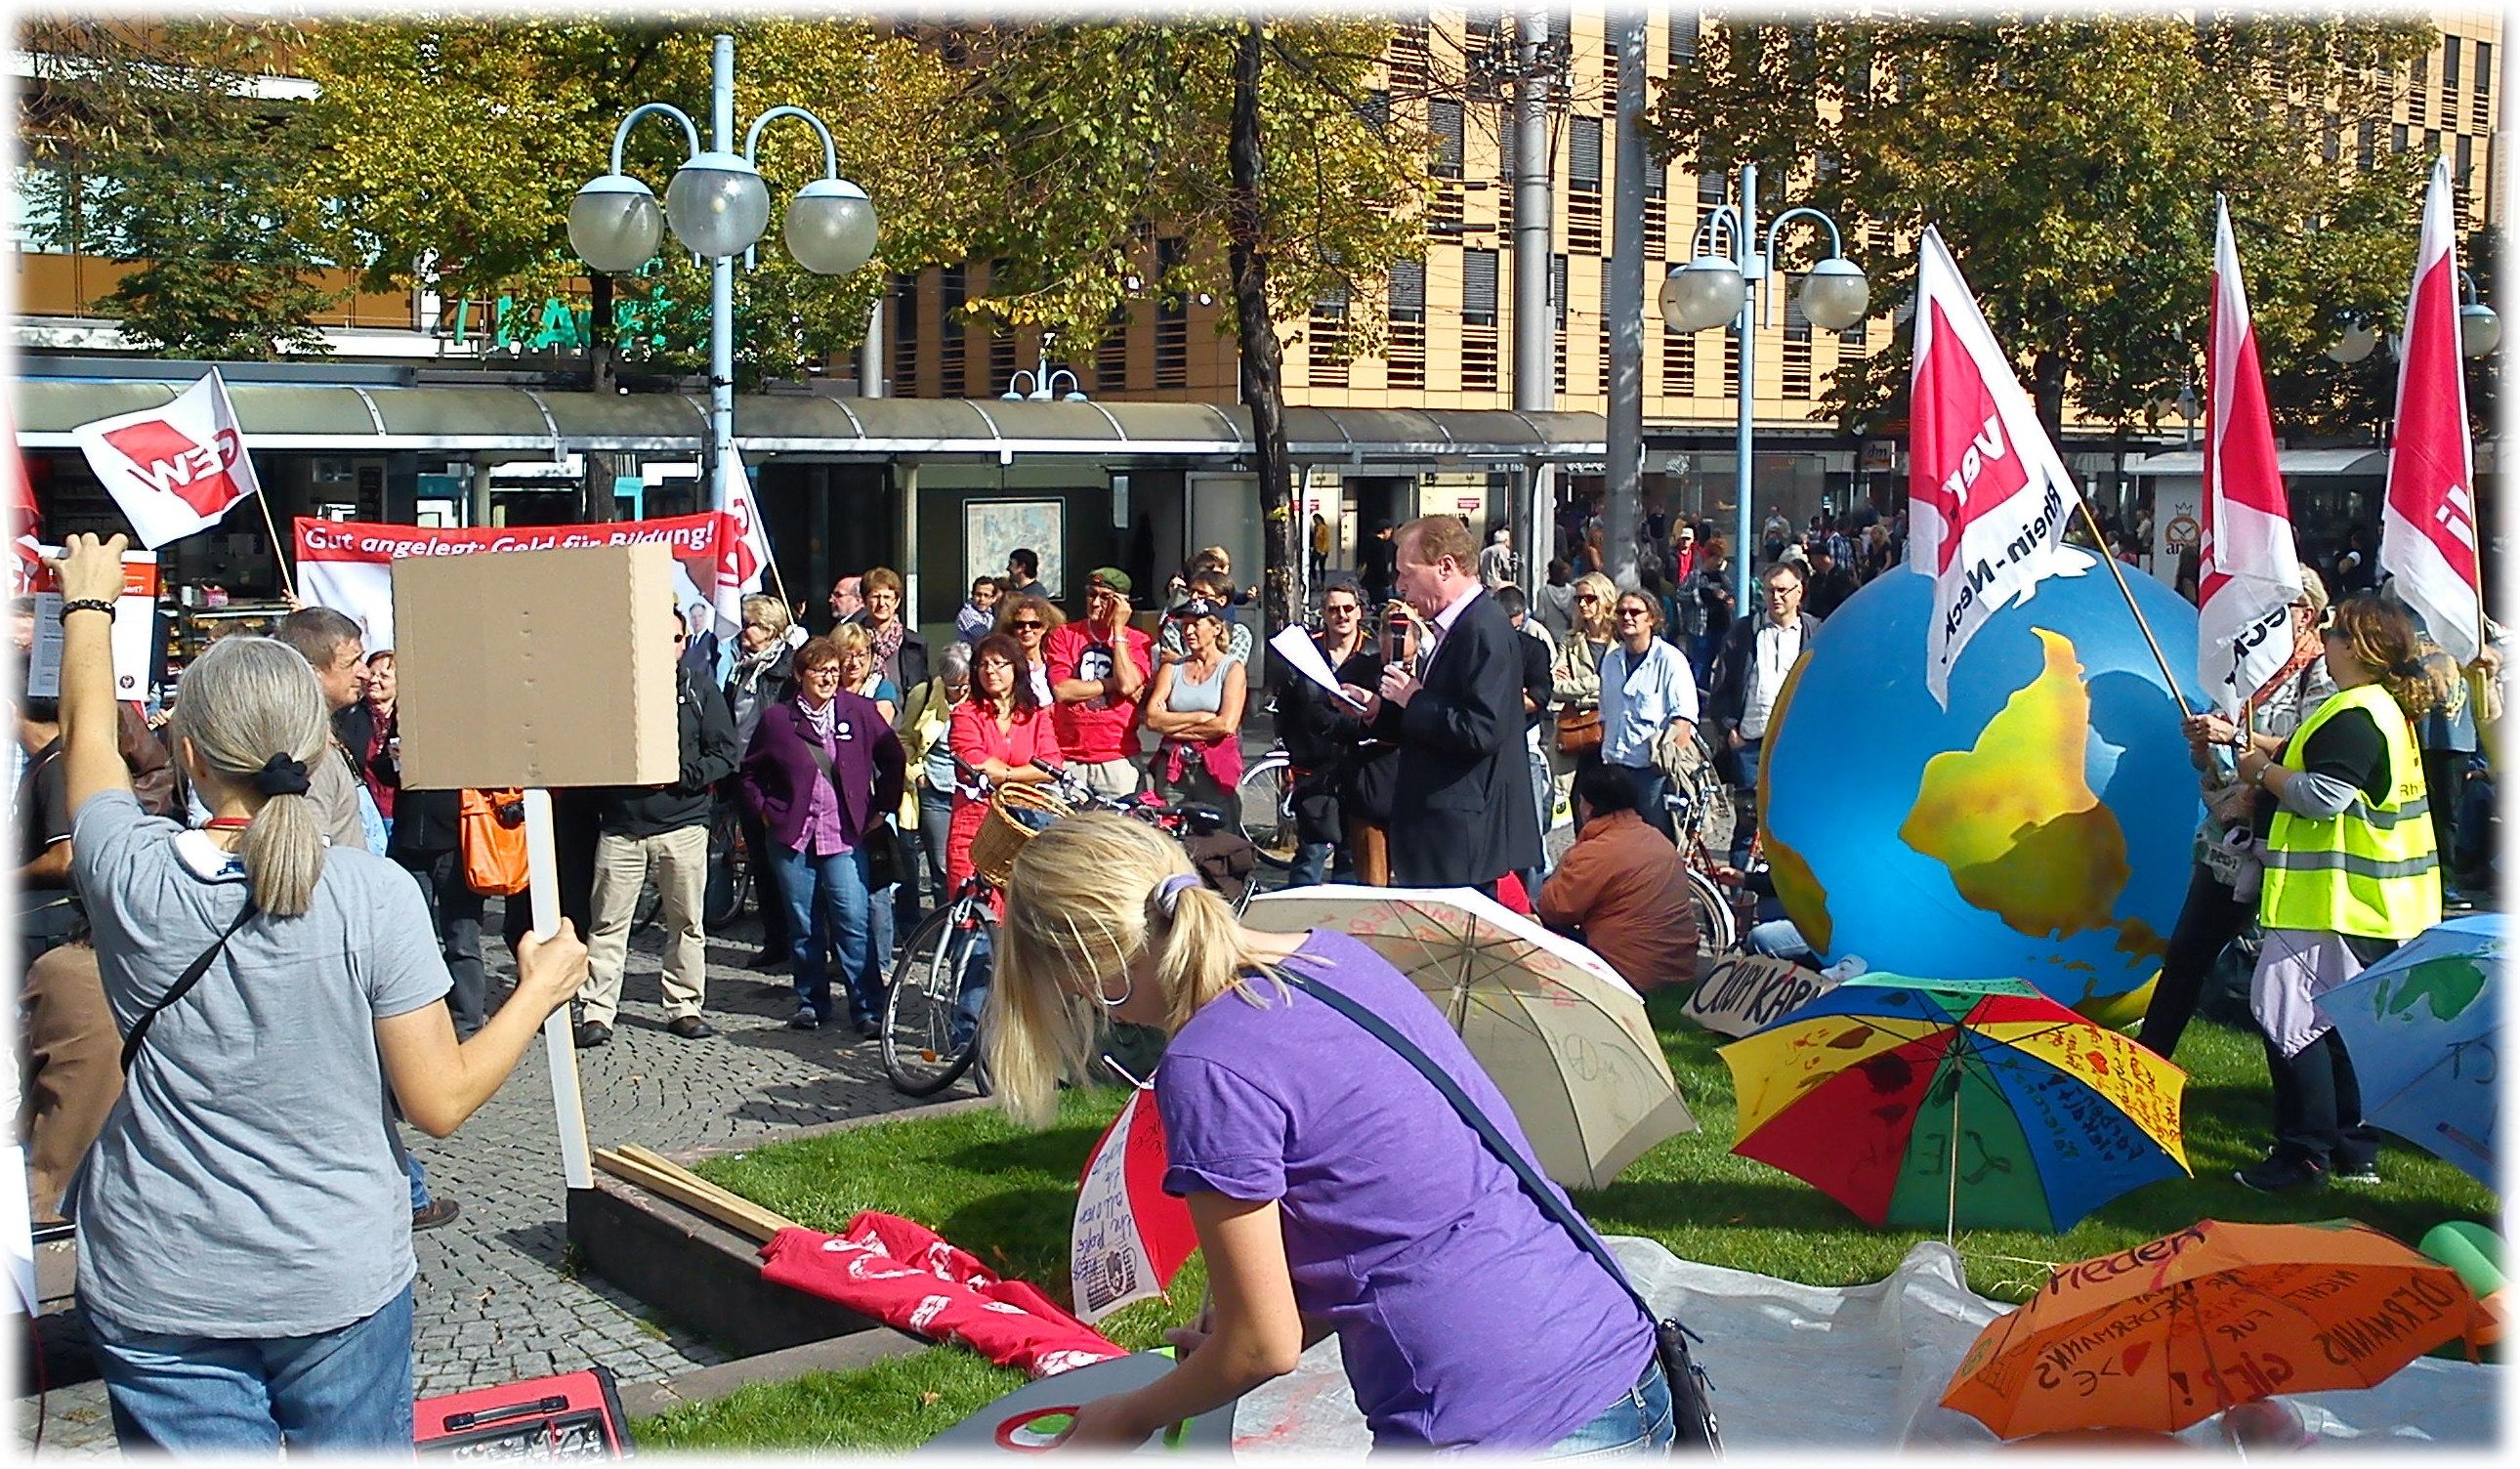 2012-09-29-UmFAIRteilen-Mannheim-IV